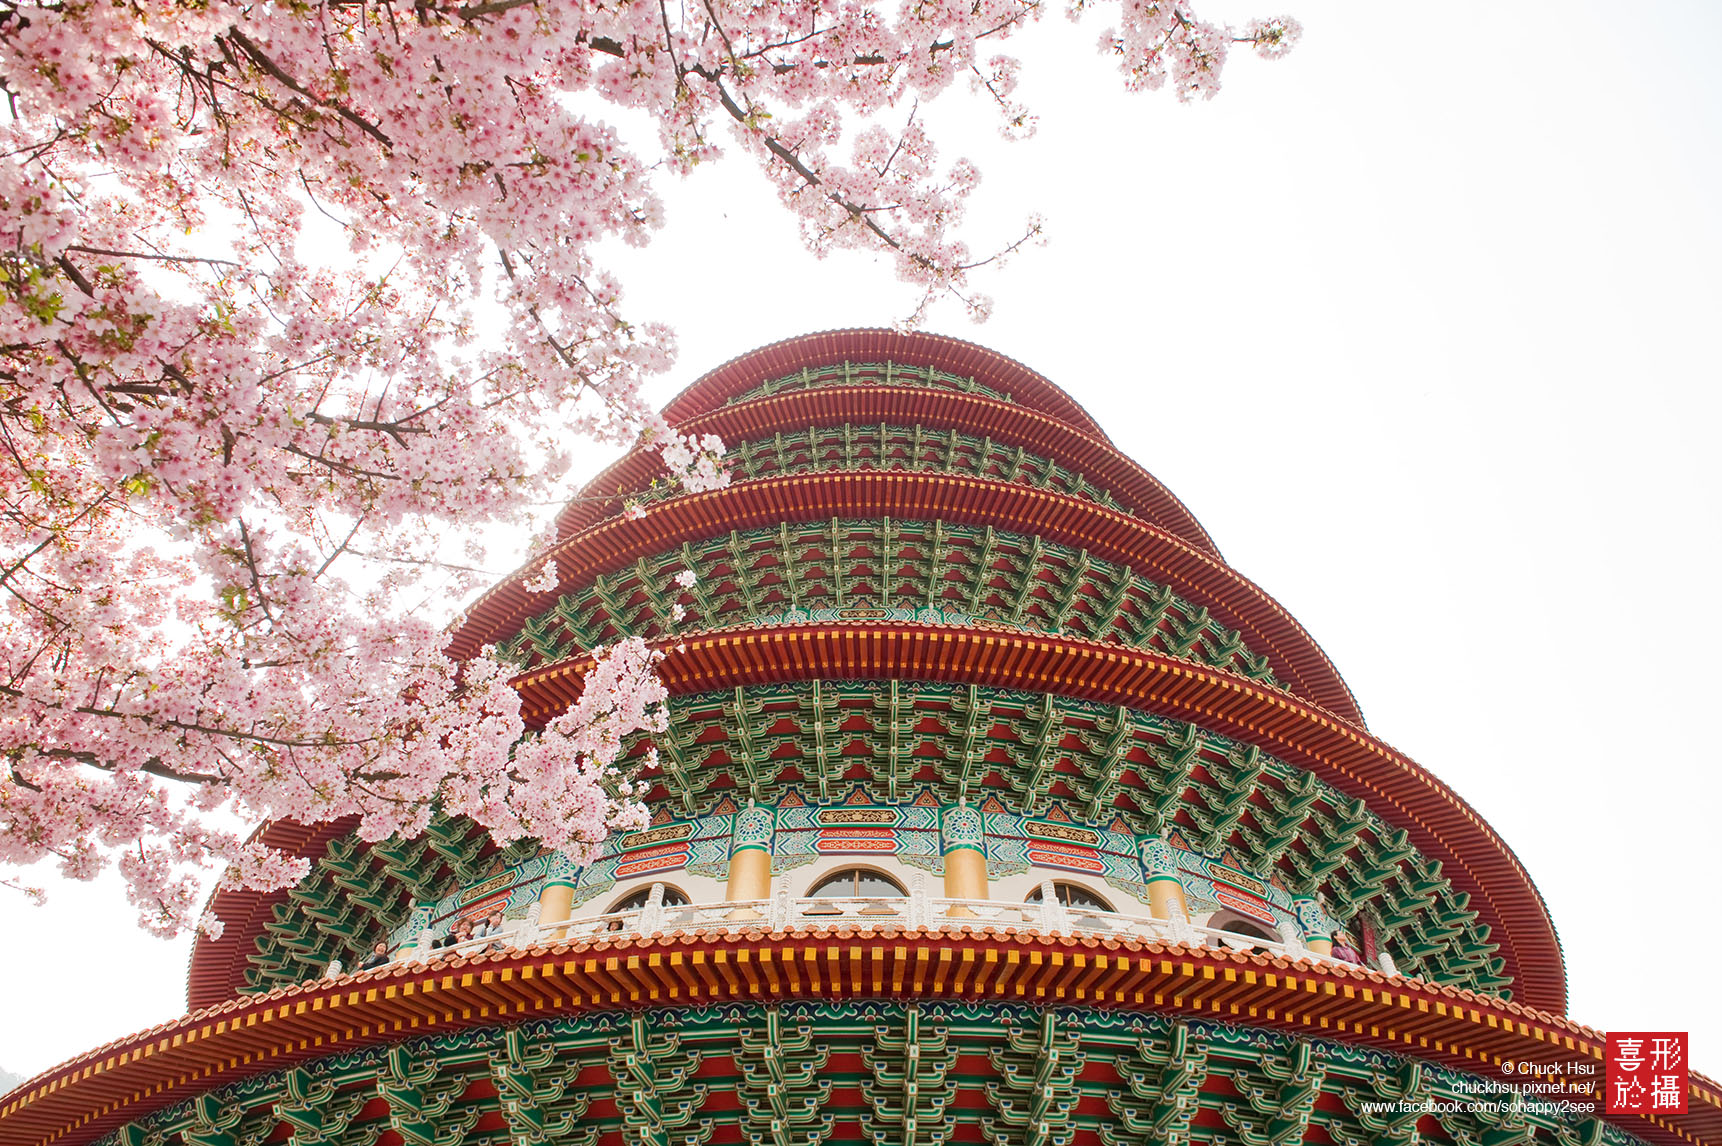 天元宮吉野櫻 Sakura Taipei